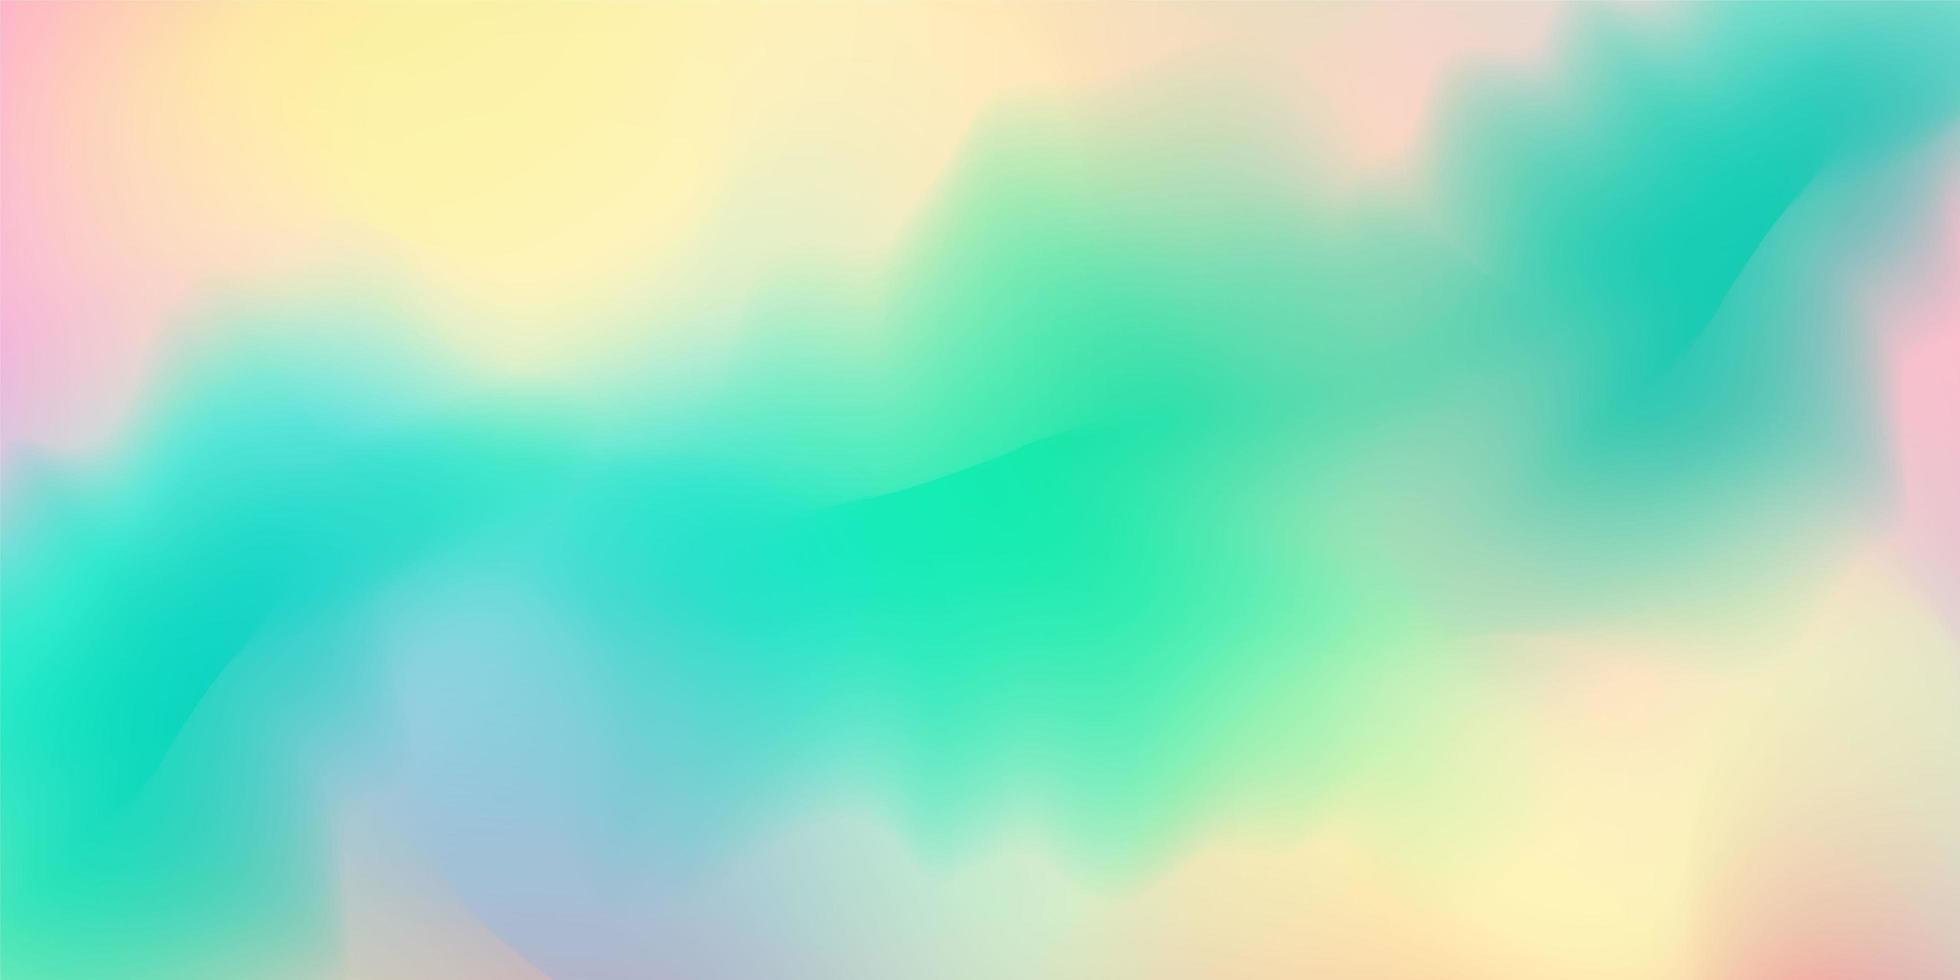 Concepto de fondo degradado colorido pastel abstracto para su diseño gráfico colorido vector